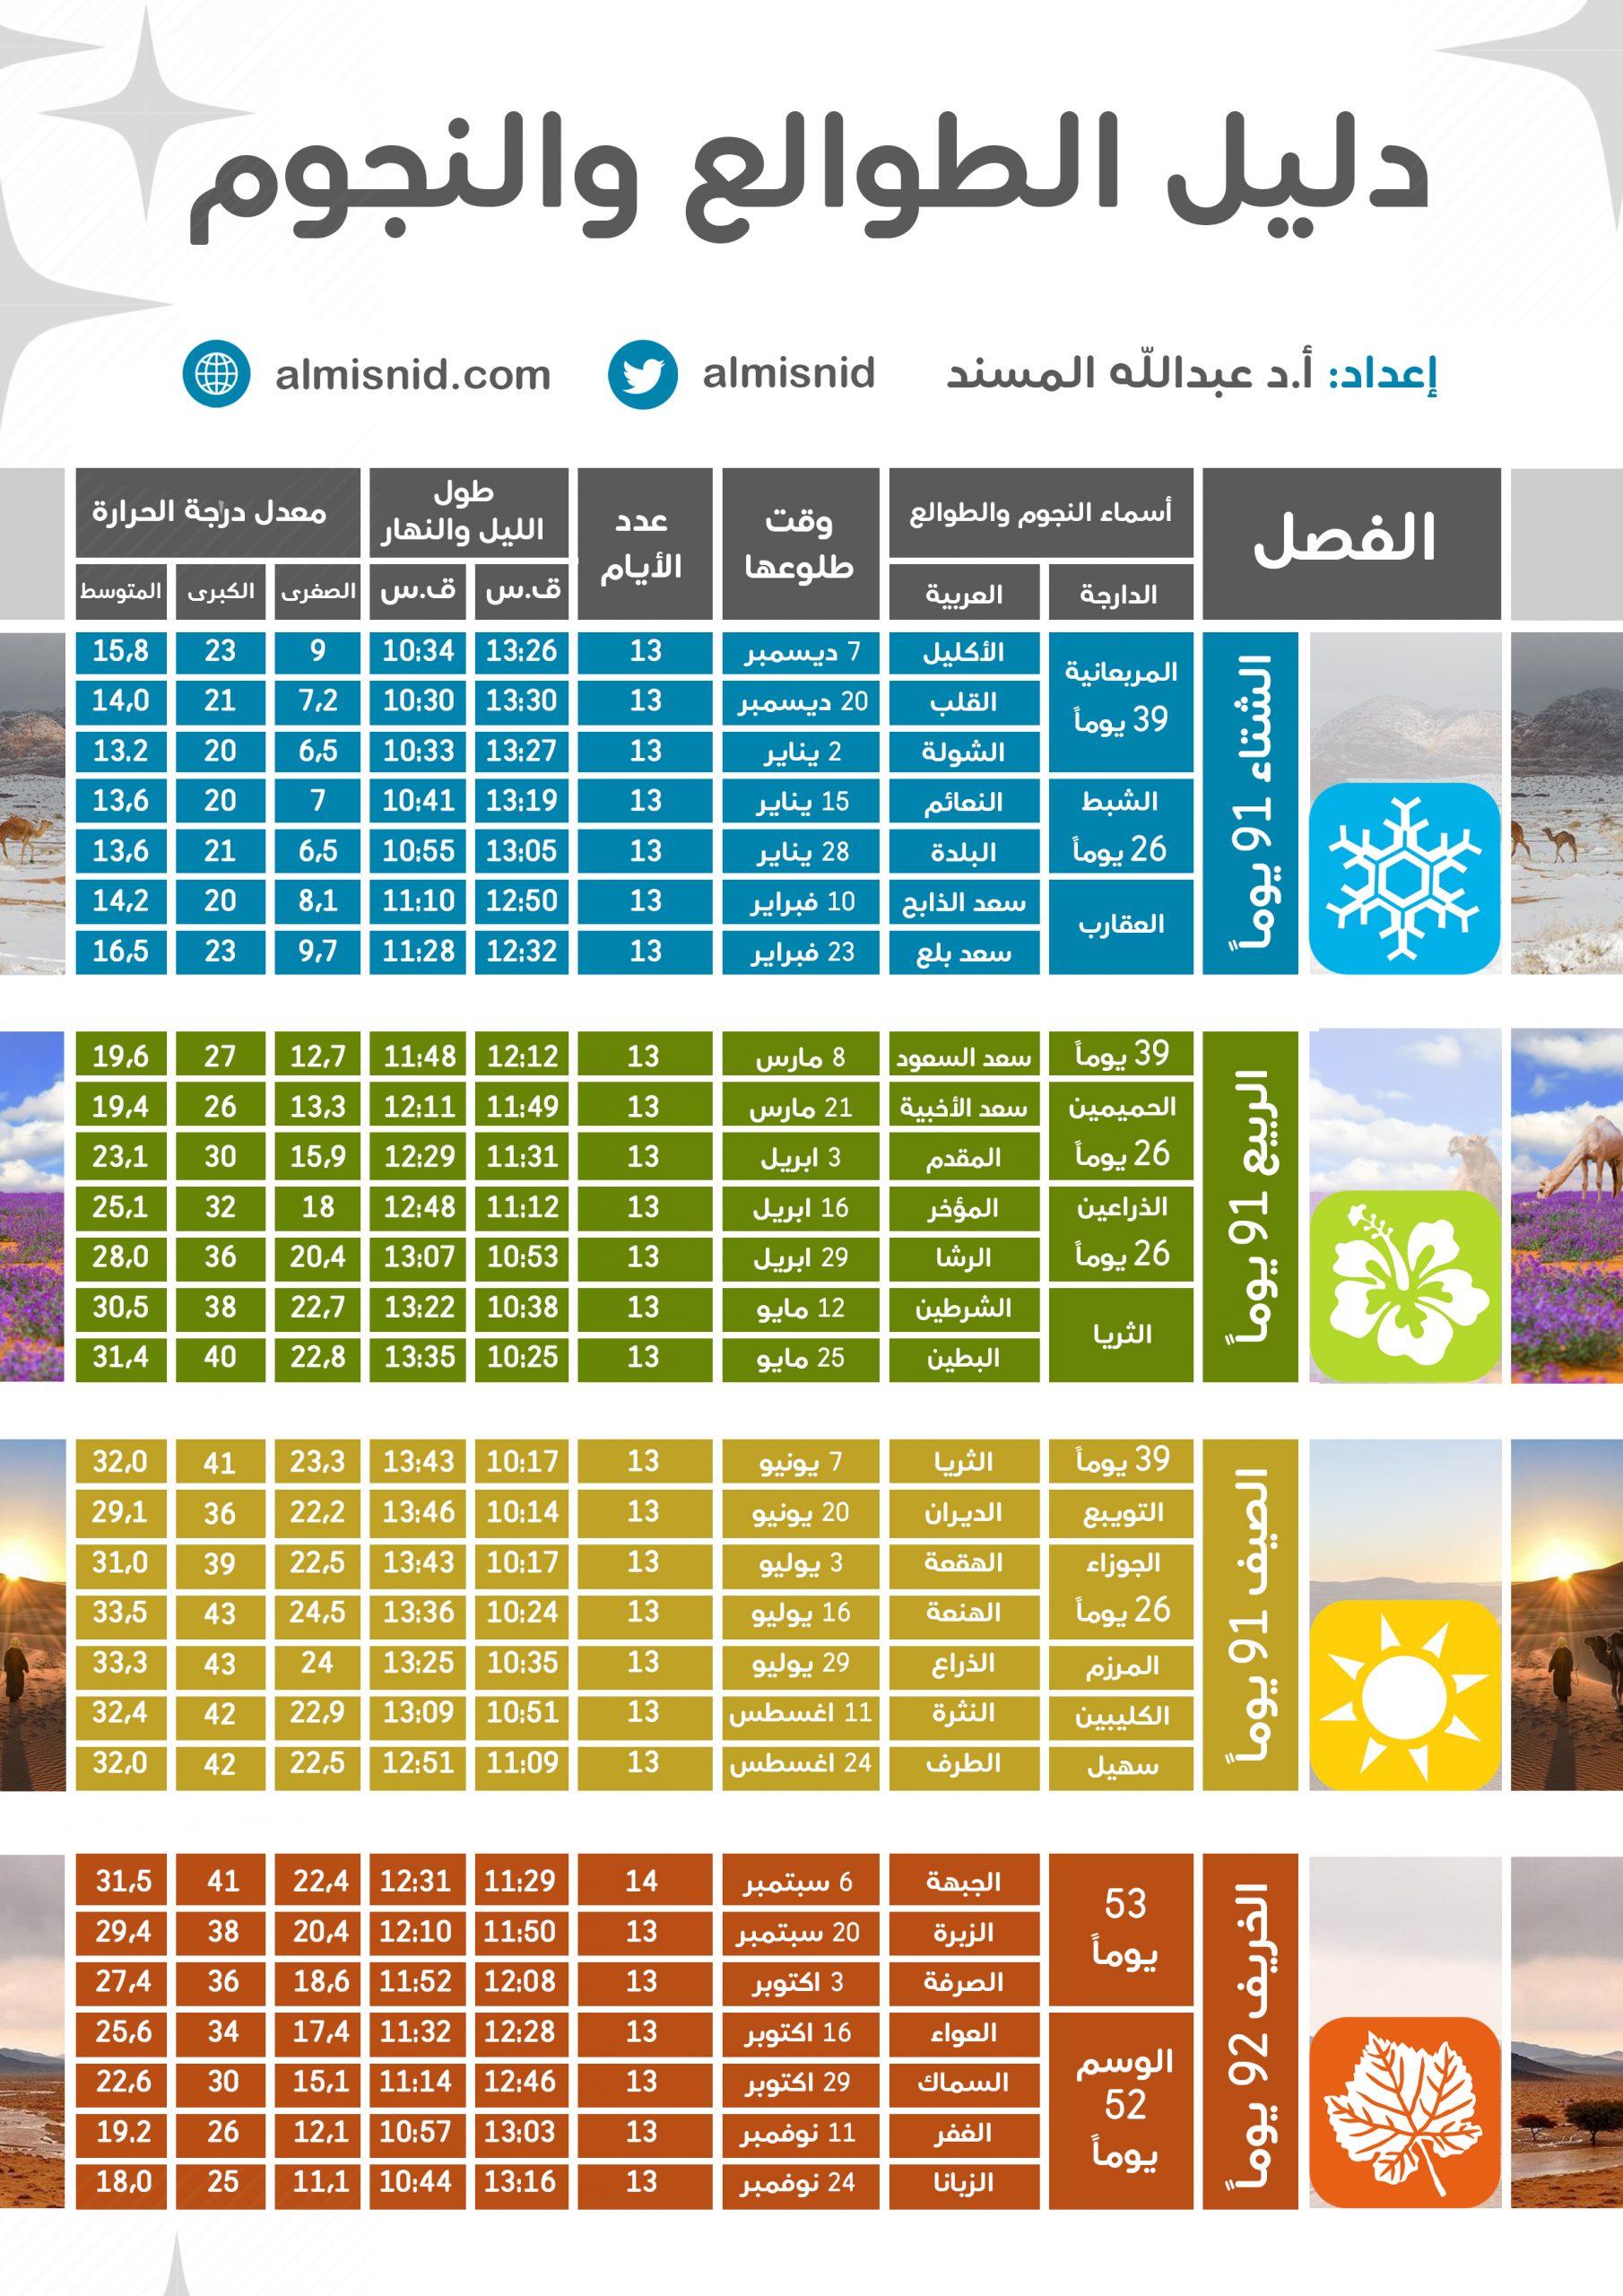 متى ينتهي الشتاء في السعودية 1442 الموقع المثالي